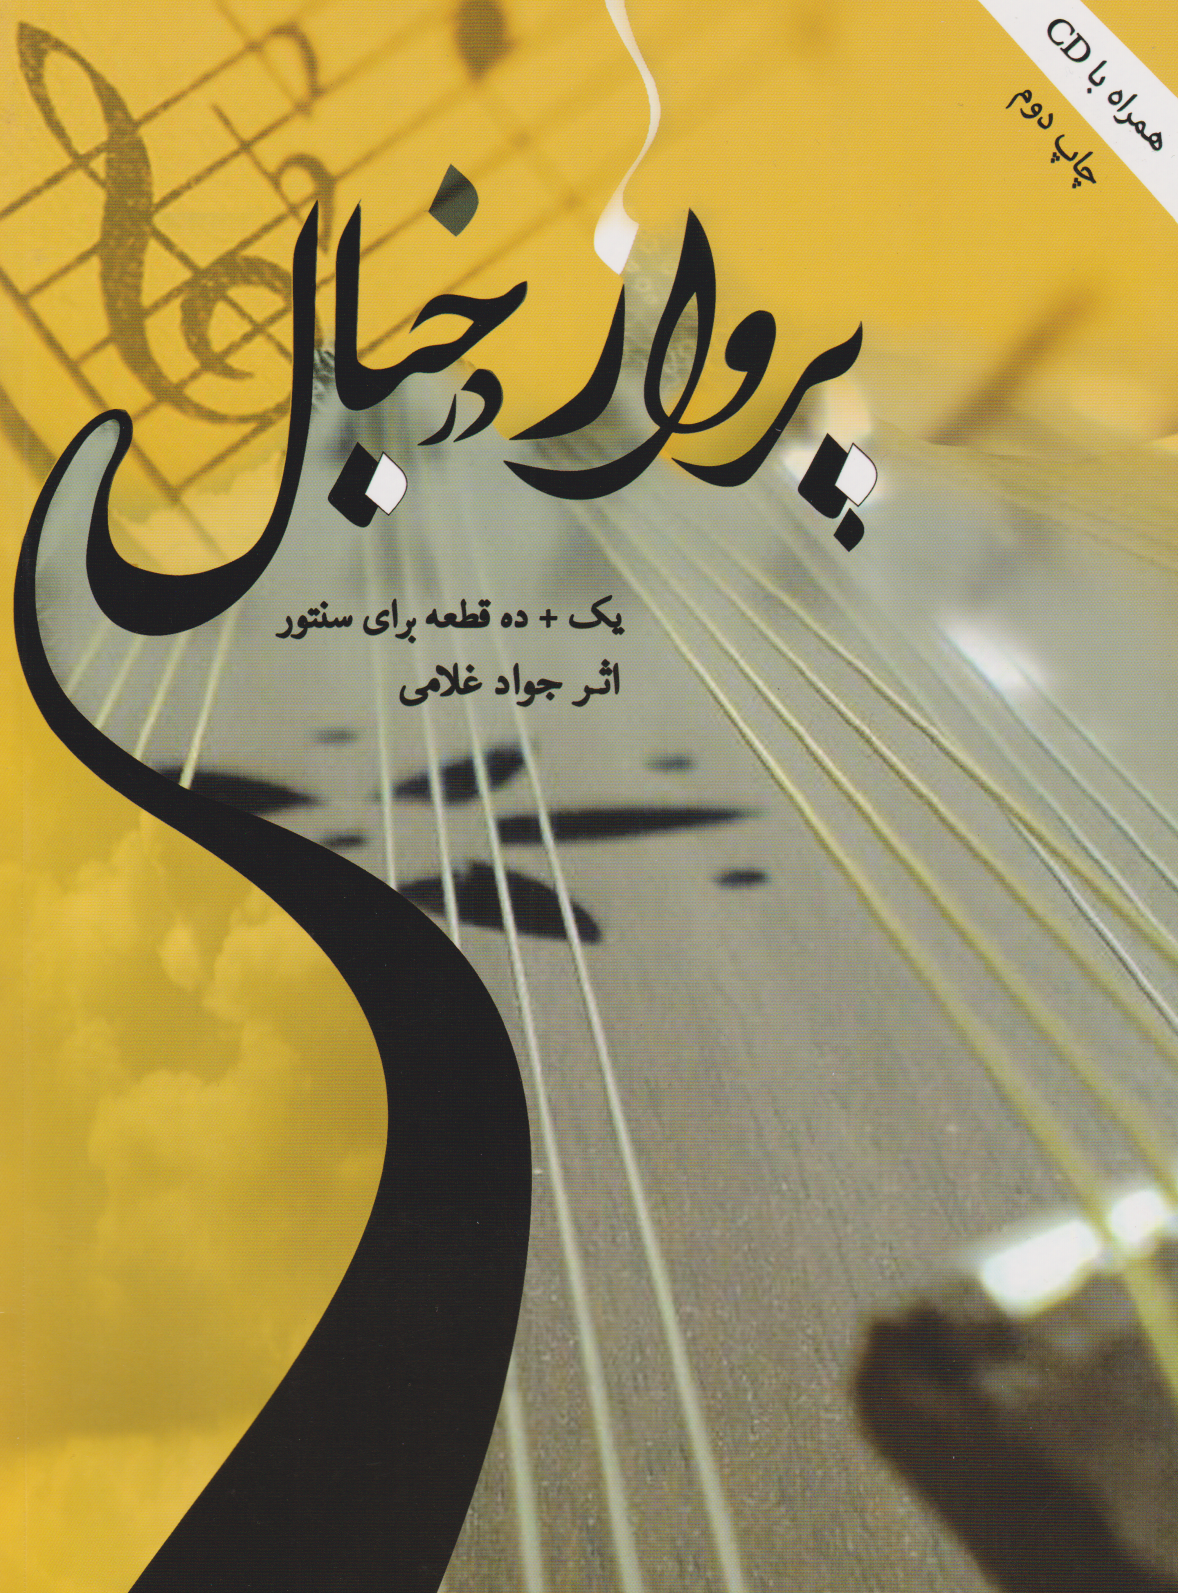 کتاب پرواز در خیال جواد غلامی انتشارات هاوژین